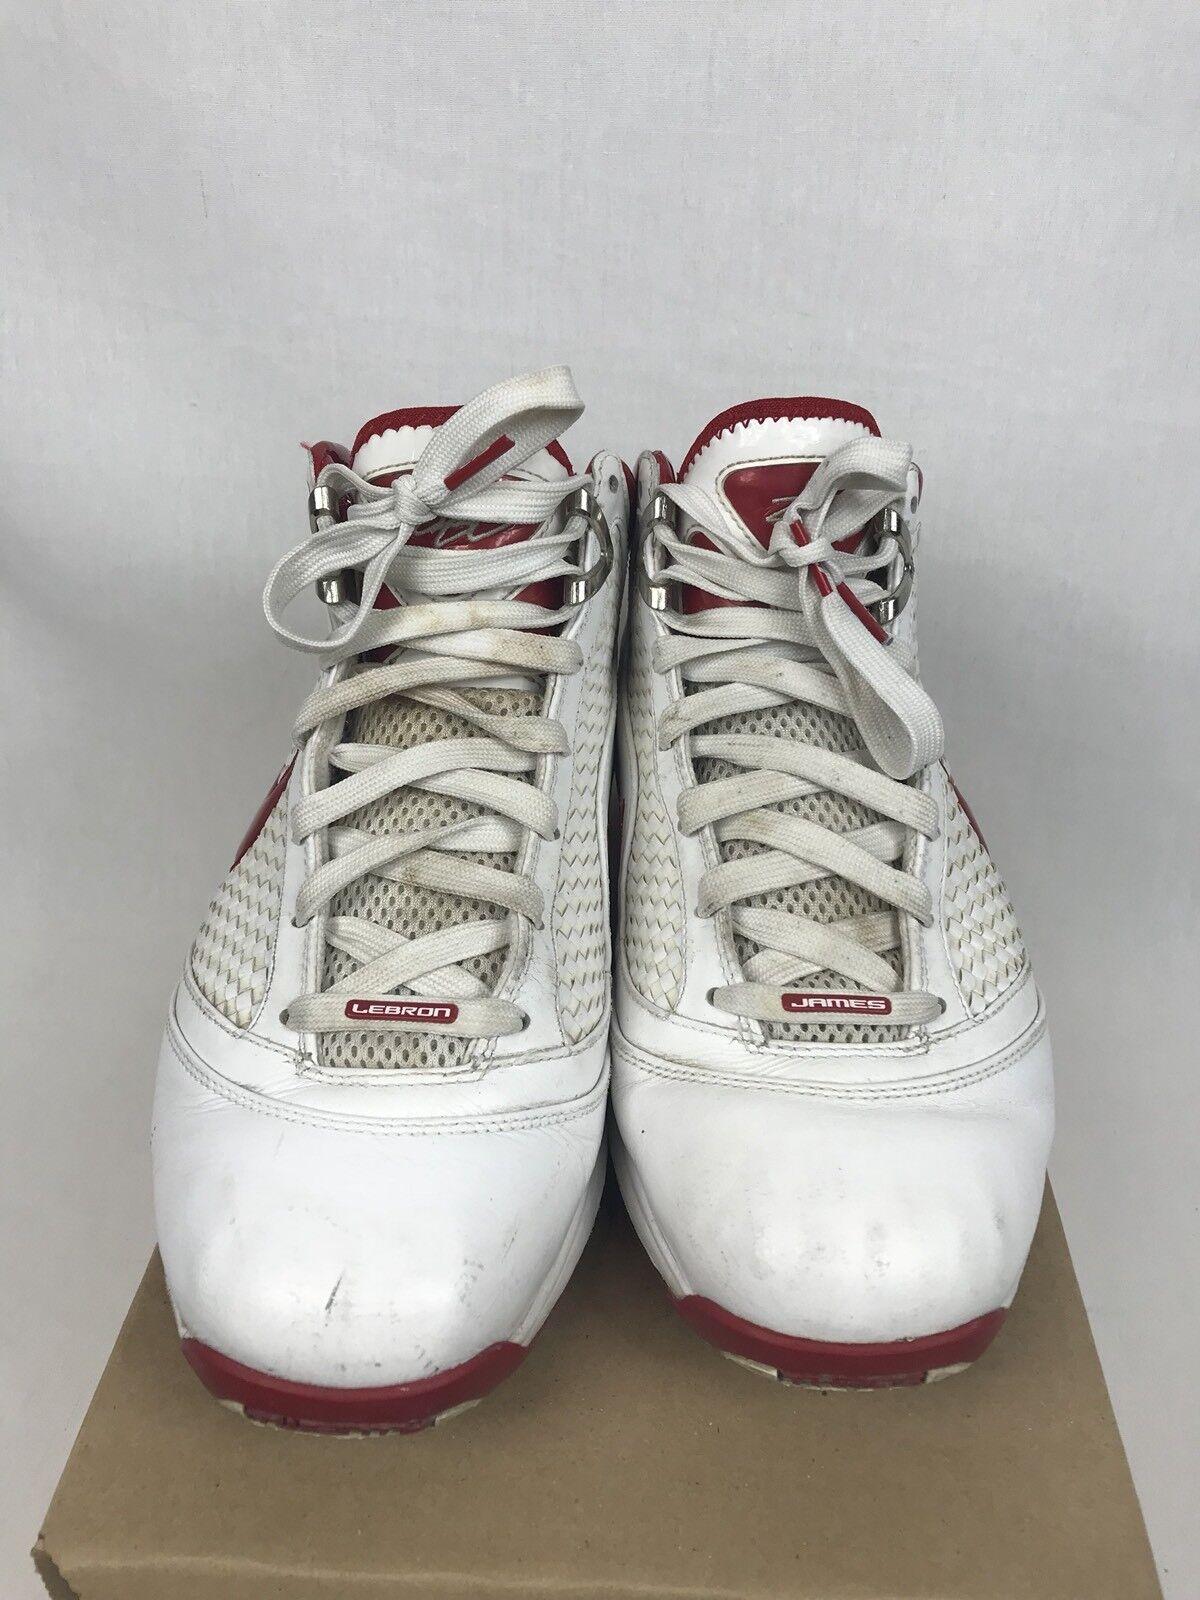 798524732ea 2009 Nike Nike Nike Air Max Lebron VII(7) NFW Size 10.5 W Rep Box ...